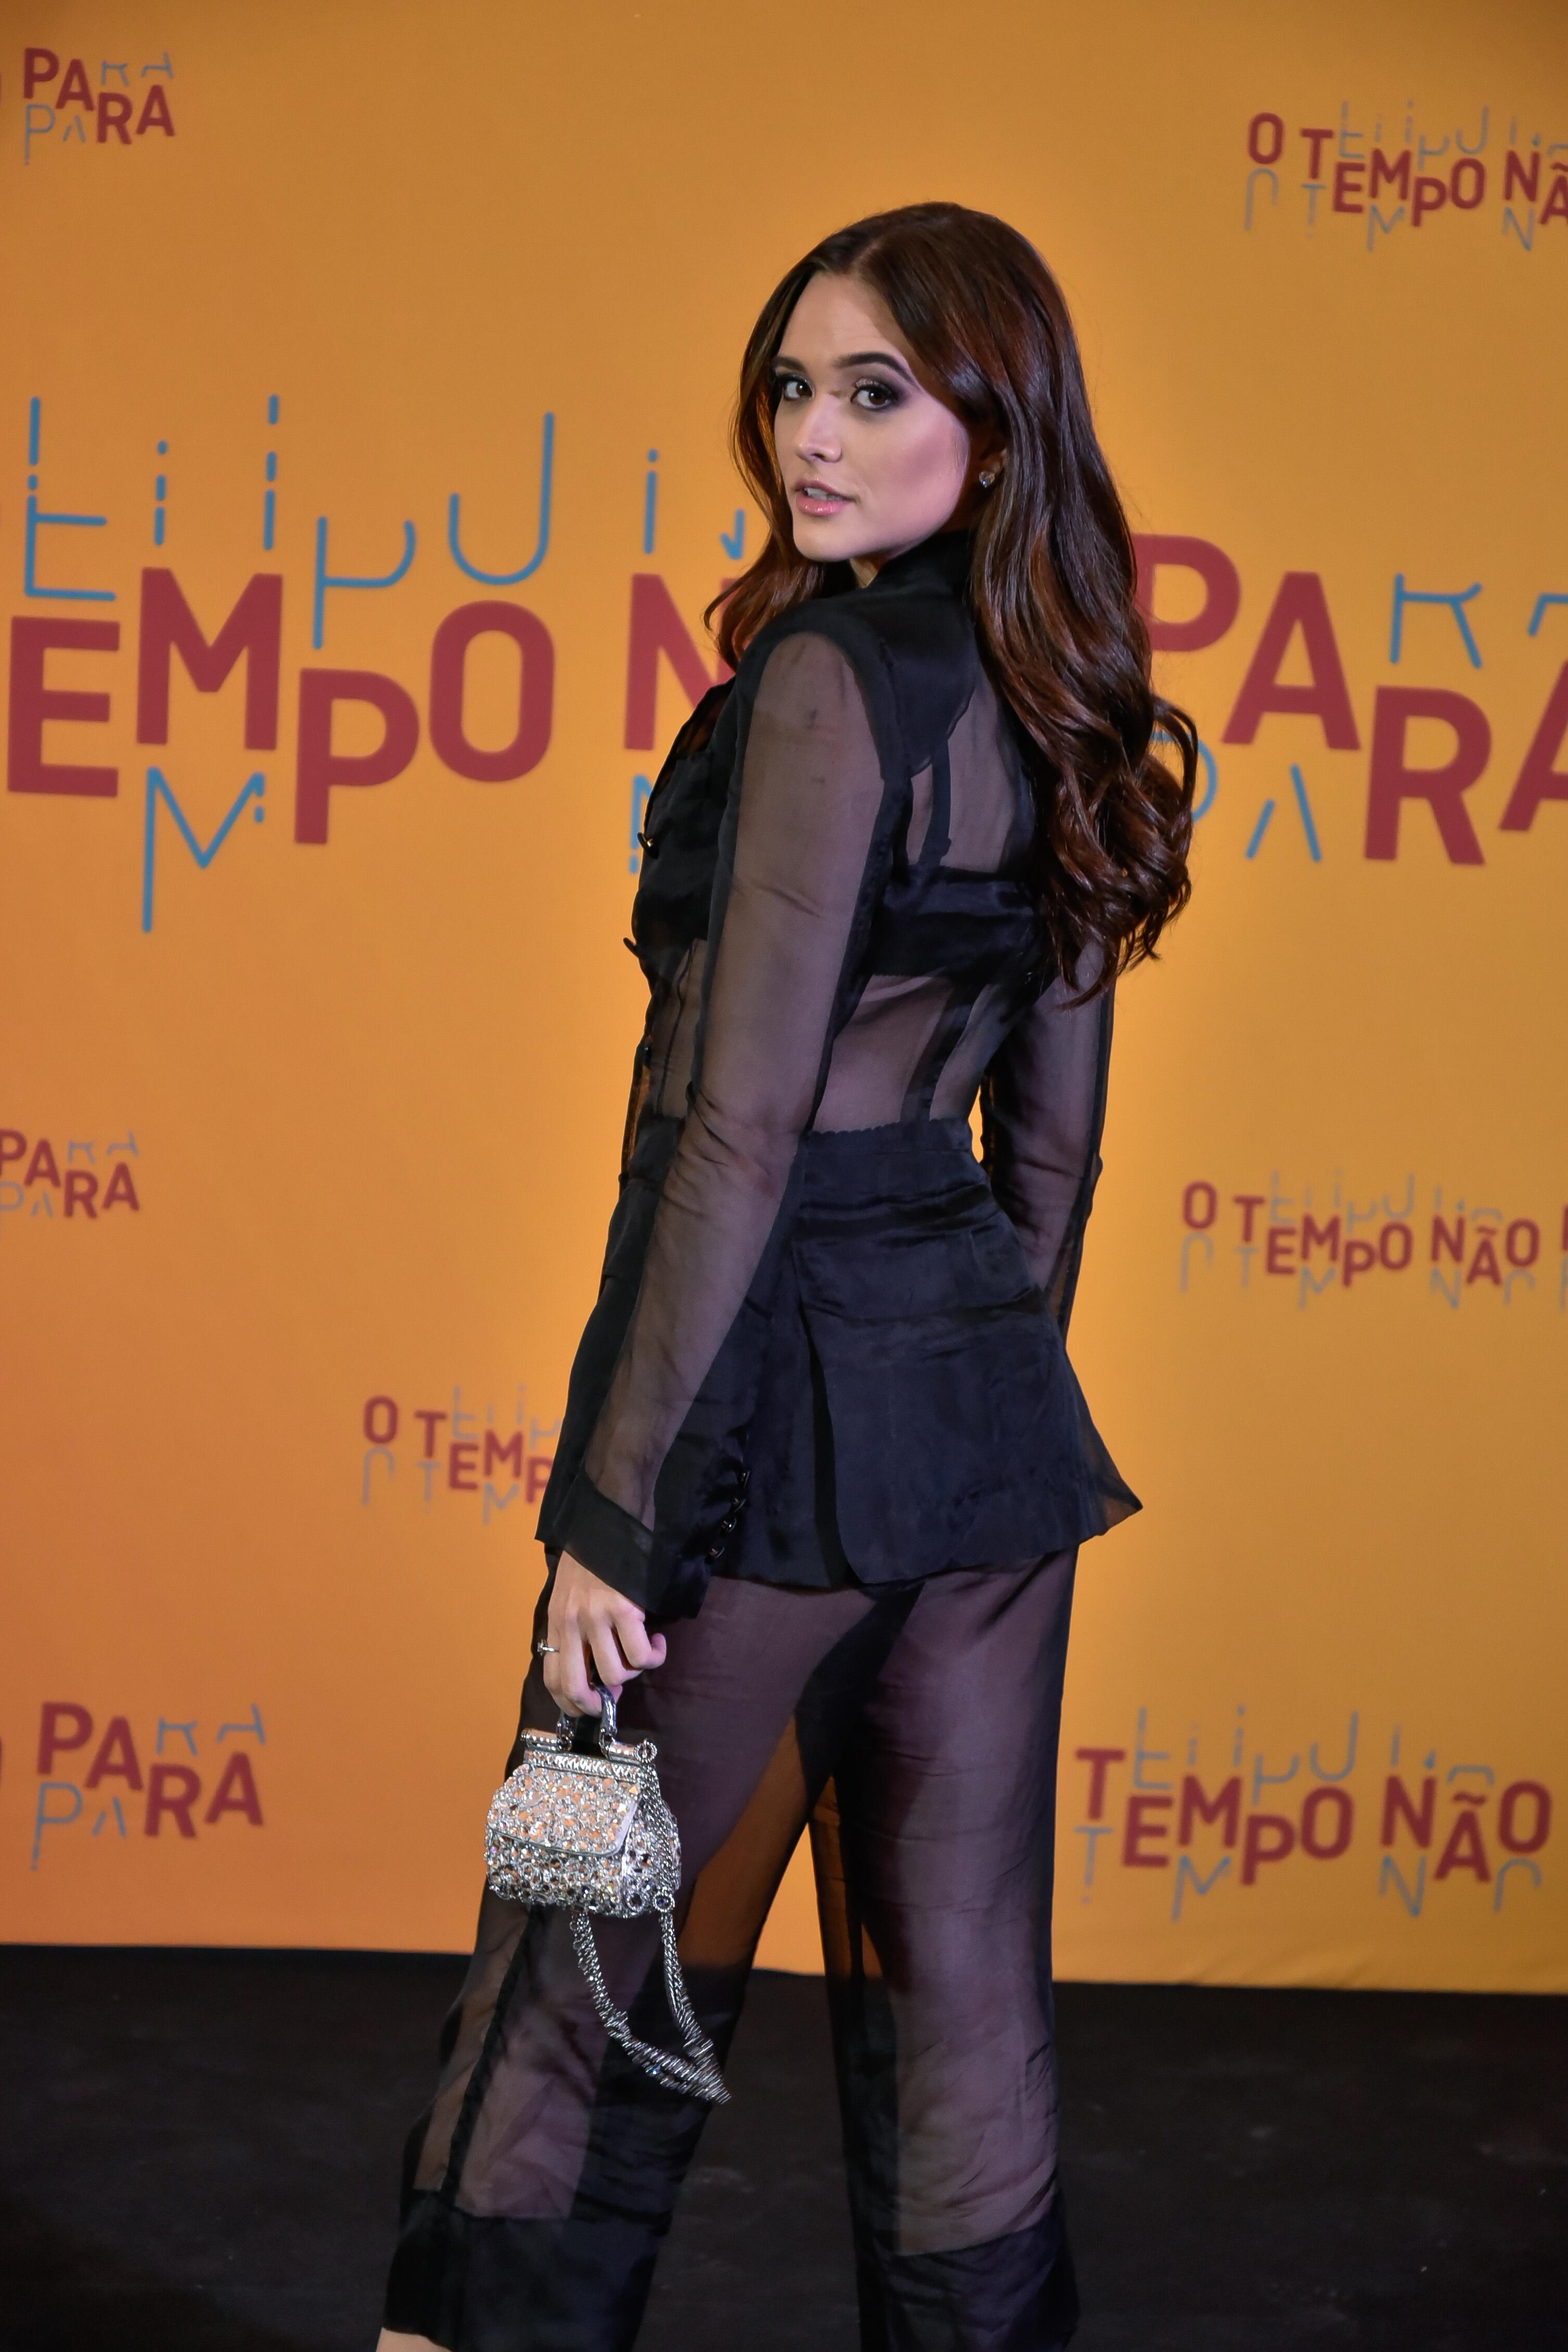 uliana Paiva com look Dolce & Gabbana no lançamento da festa da novela O tempo não para.